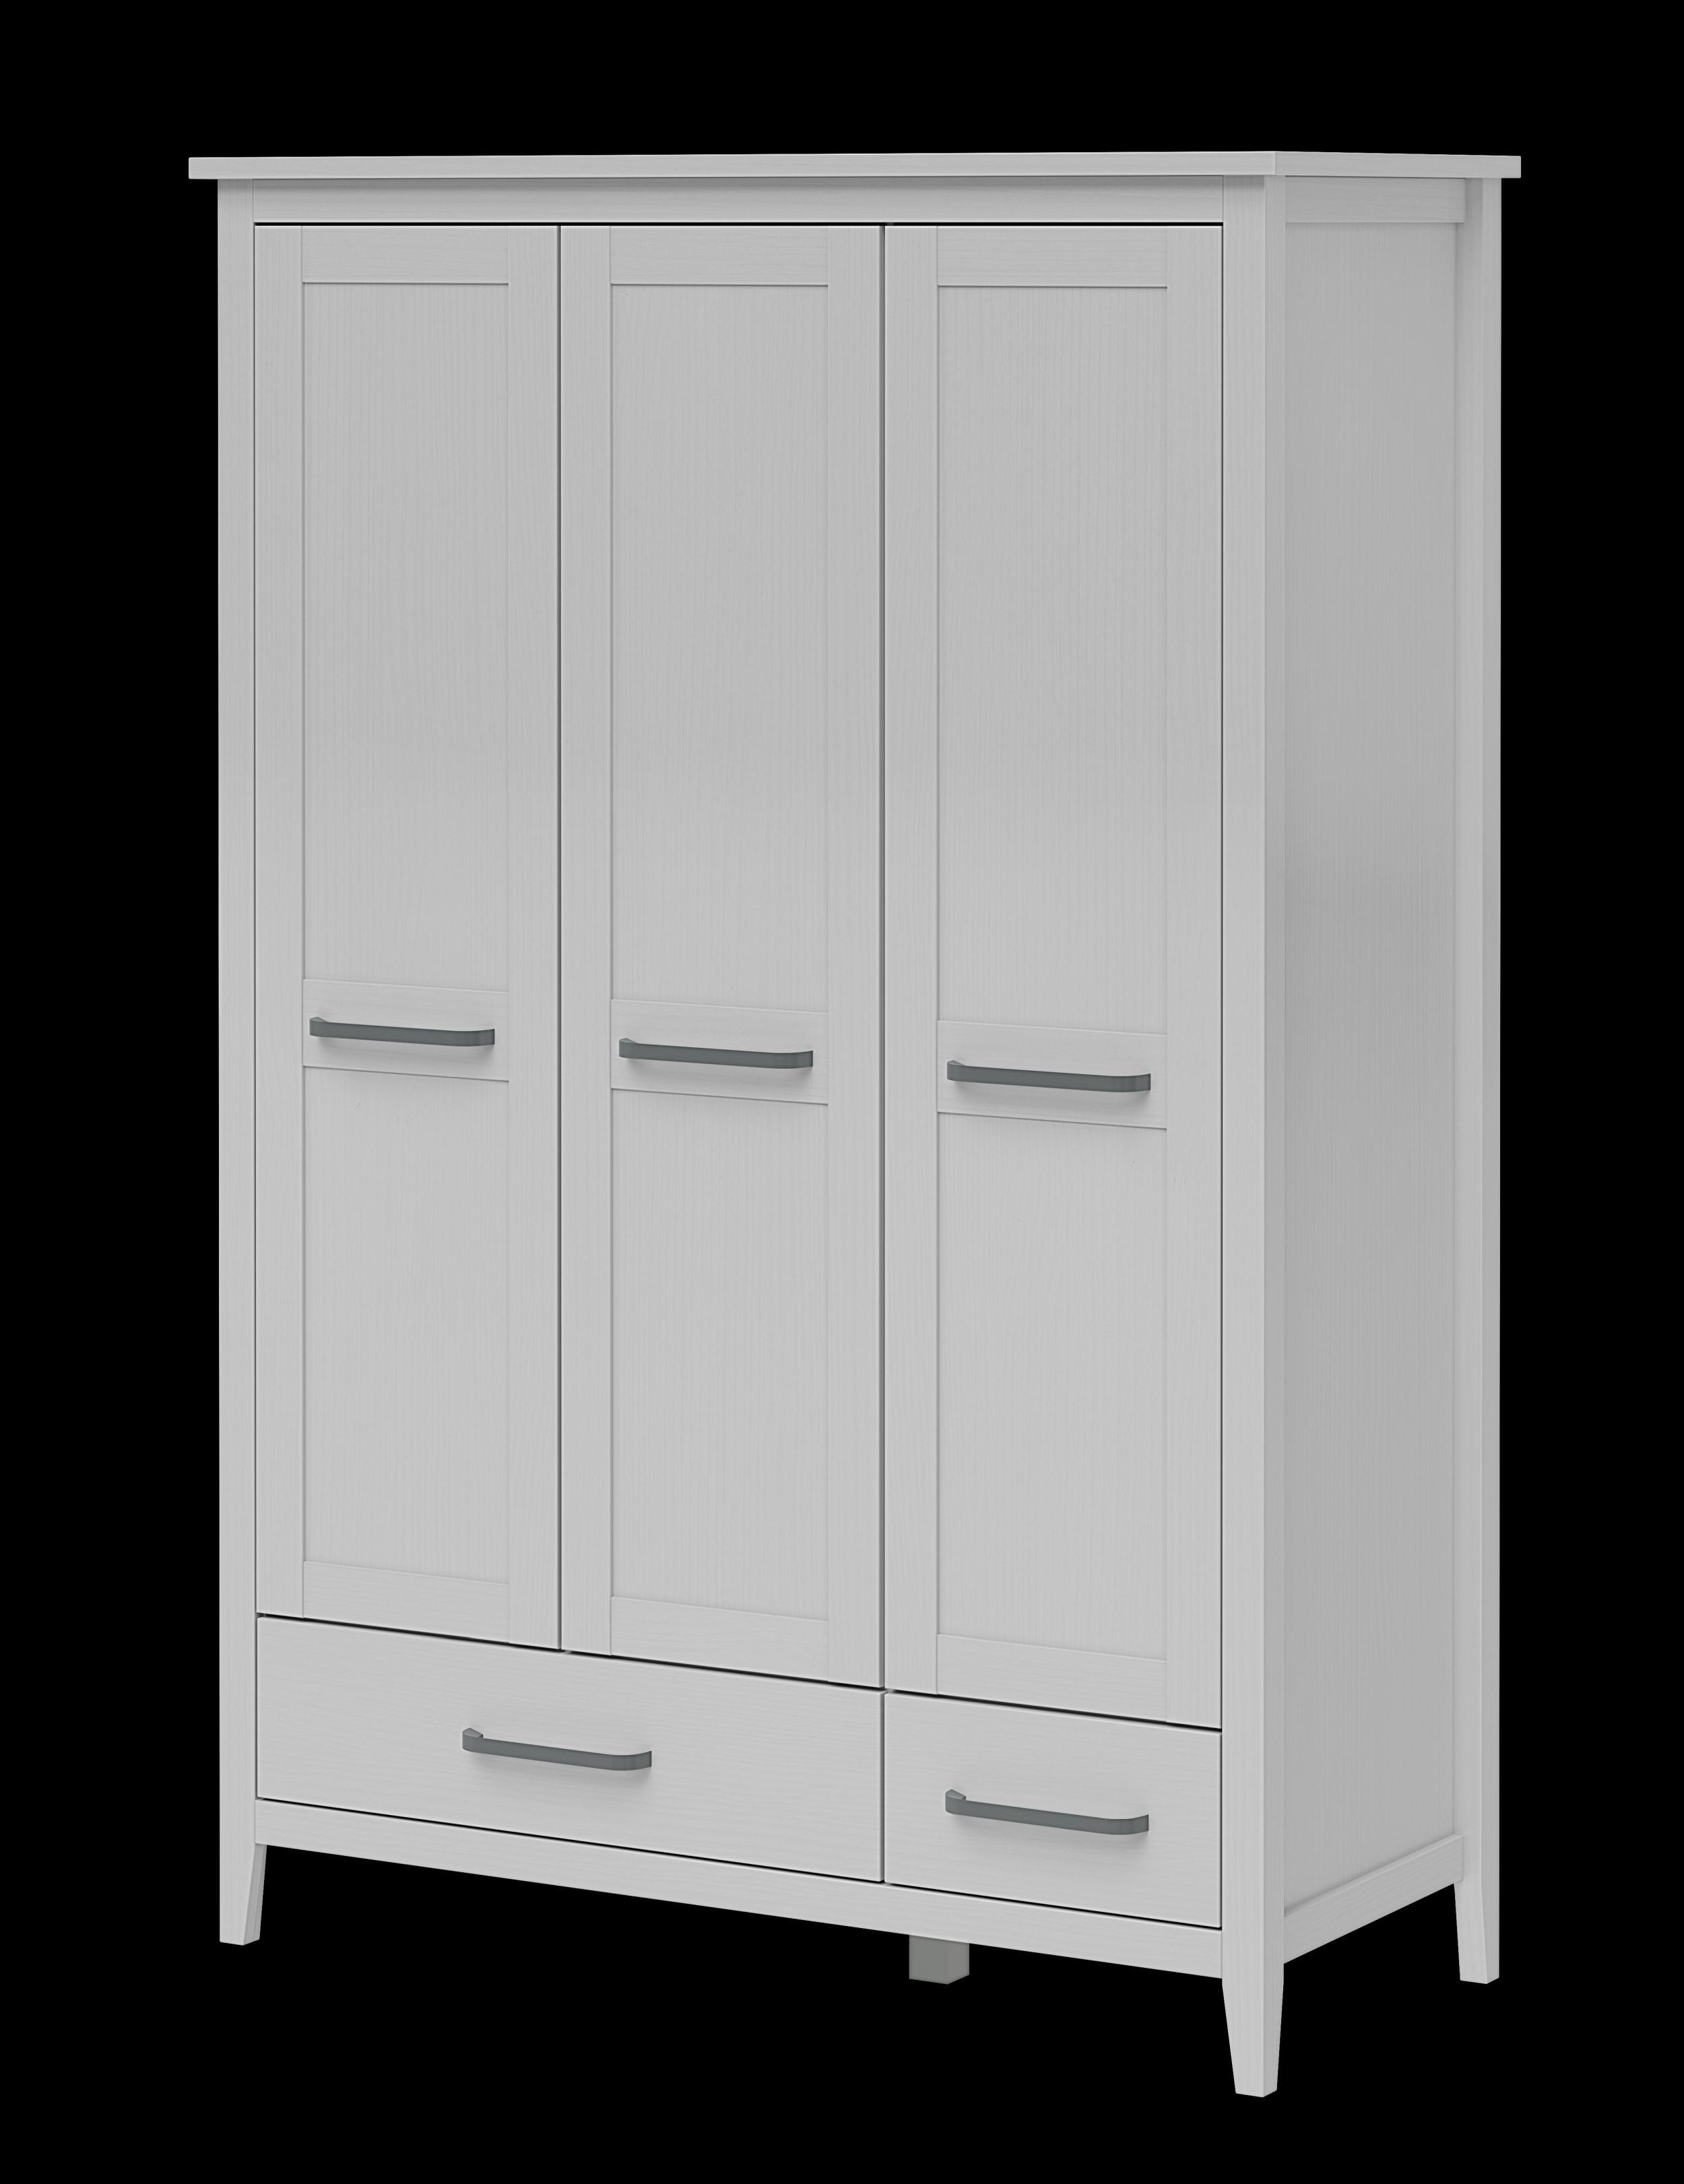 3 t riger kleiderschrank in kiefer massiv m belhaus pohl wilhelmshaven friesland. Black Bedroom Furniture Sets. Home Design Ideas